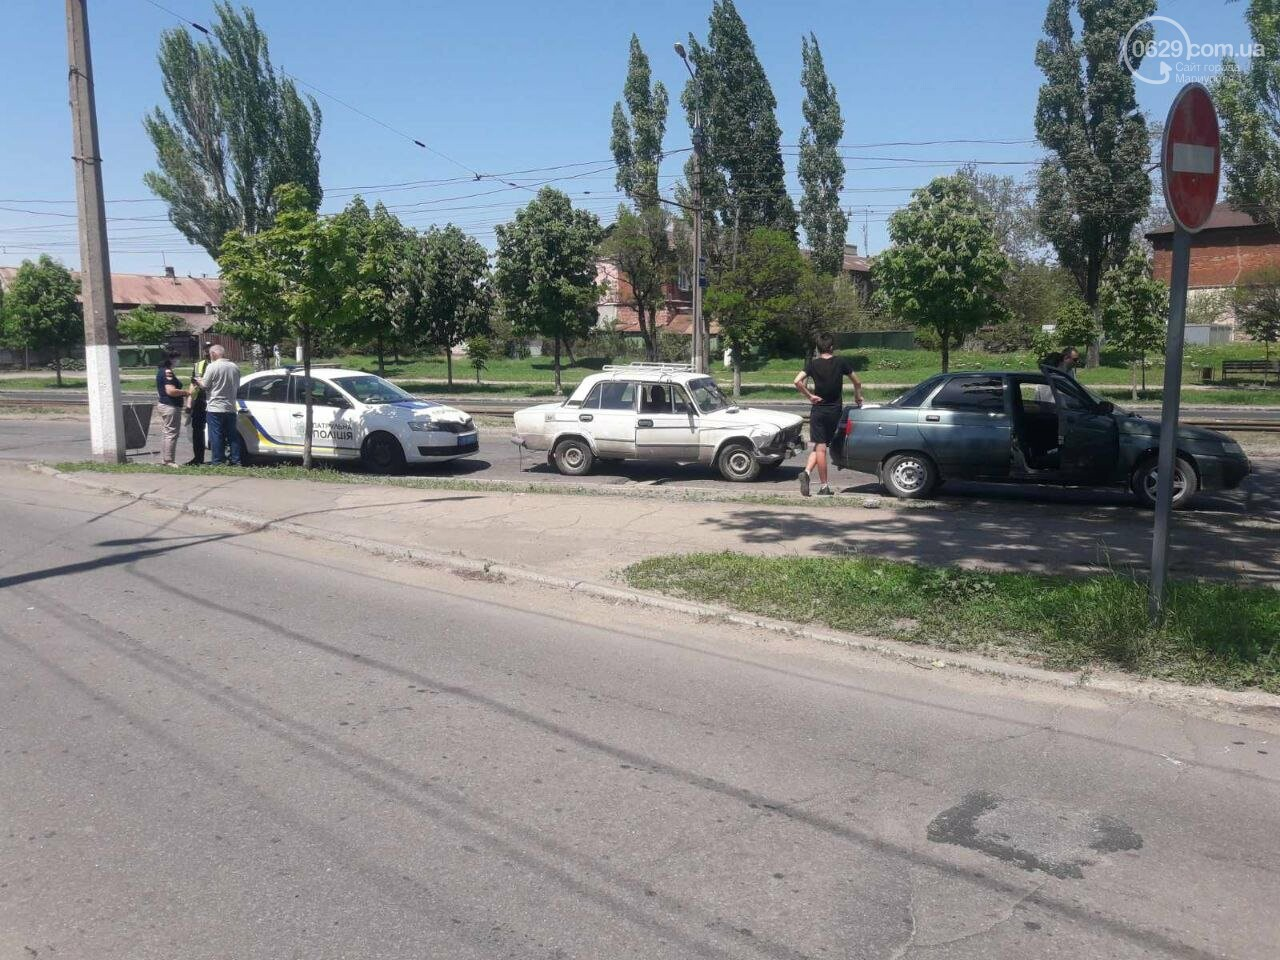 """В 11 раз больше! В Мариуполе пьяный водитель """"Жигули"""" протаранил 3 автомобиля, - ФОТО, фото-6"""